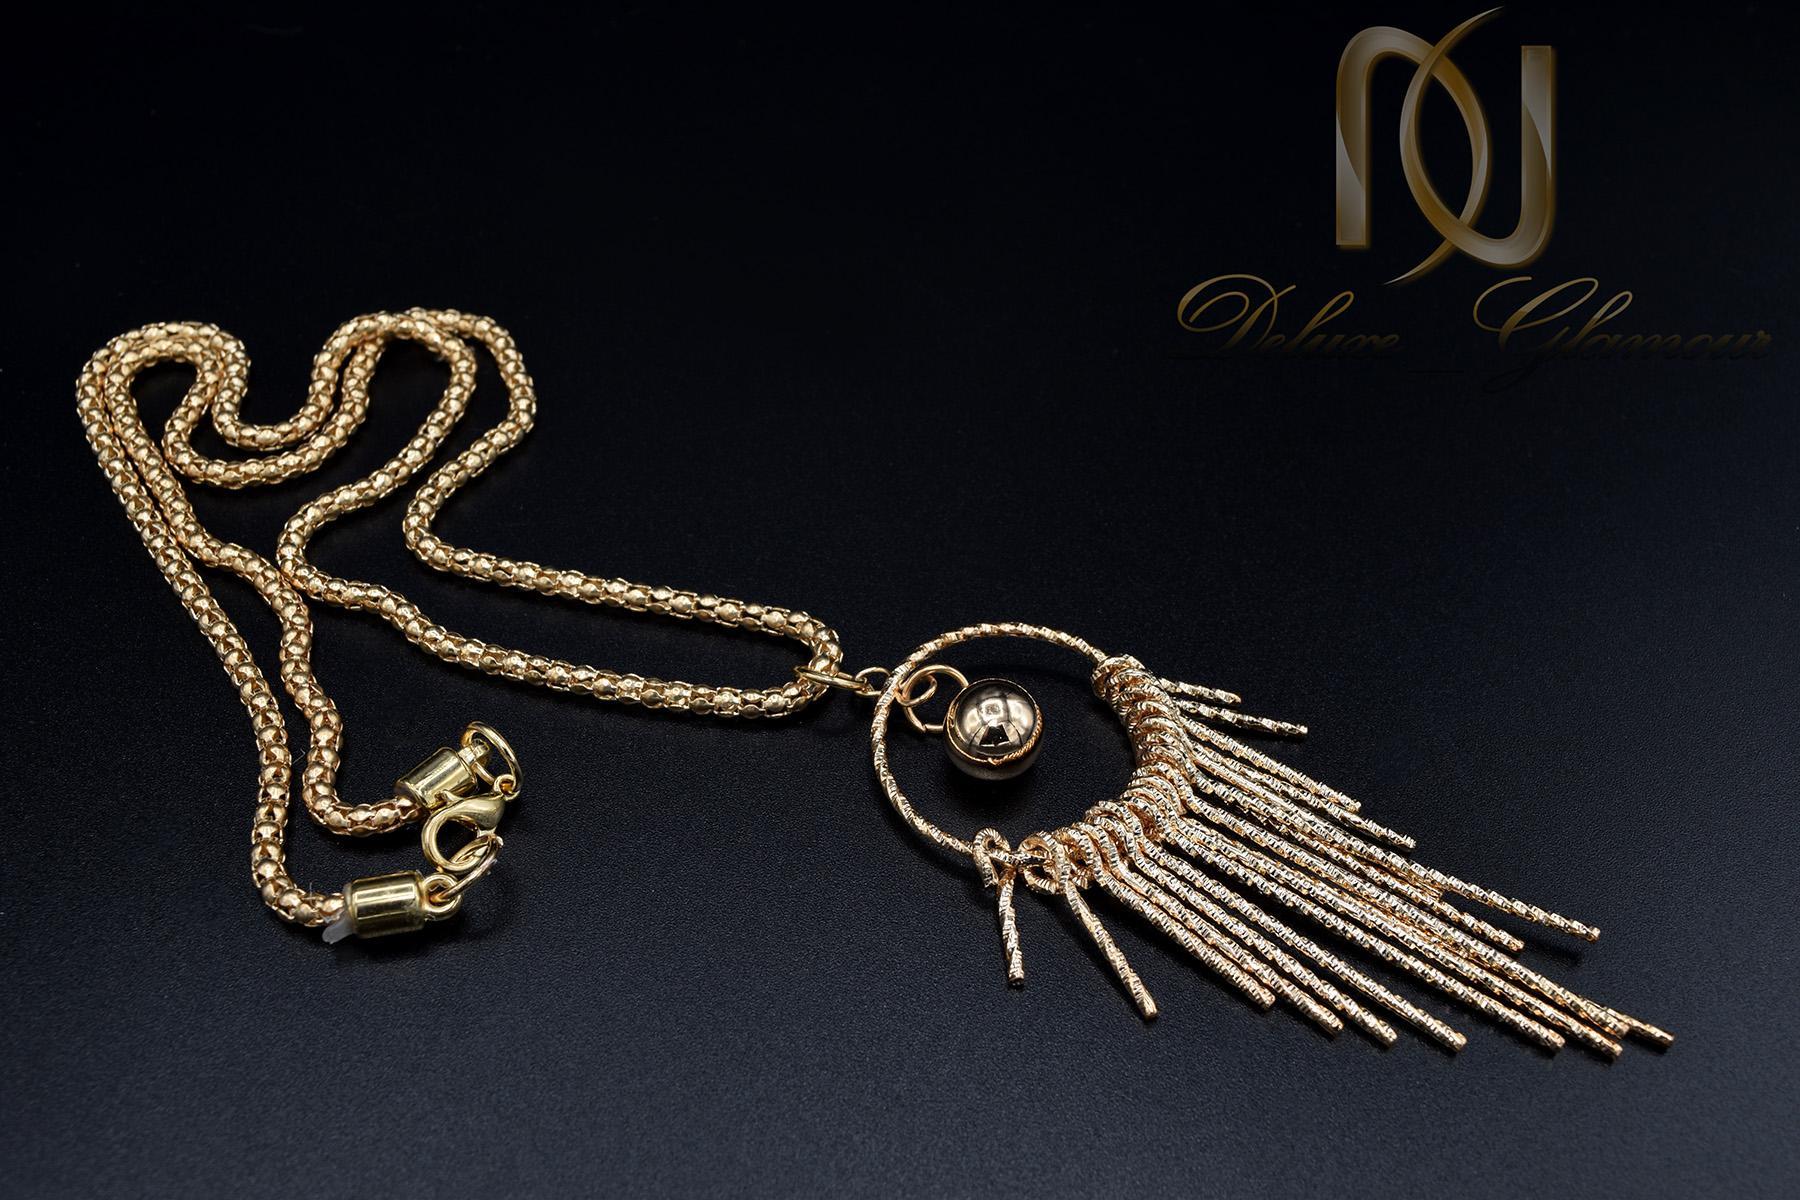 گردنبند رومانتویی بلند طرح طلا nw-n443 از نماي مشكي